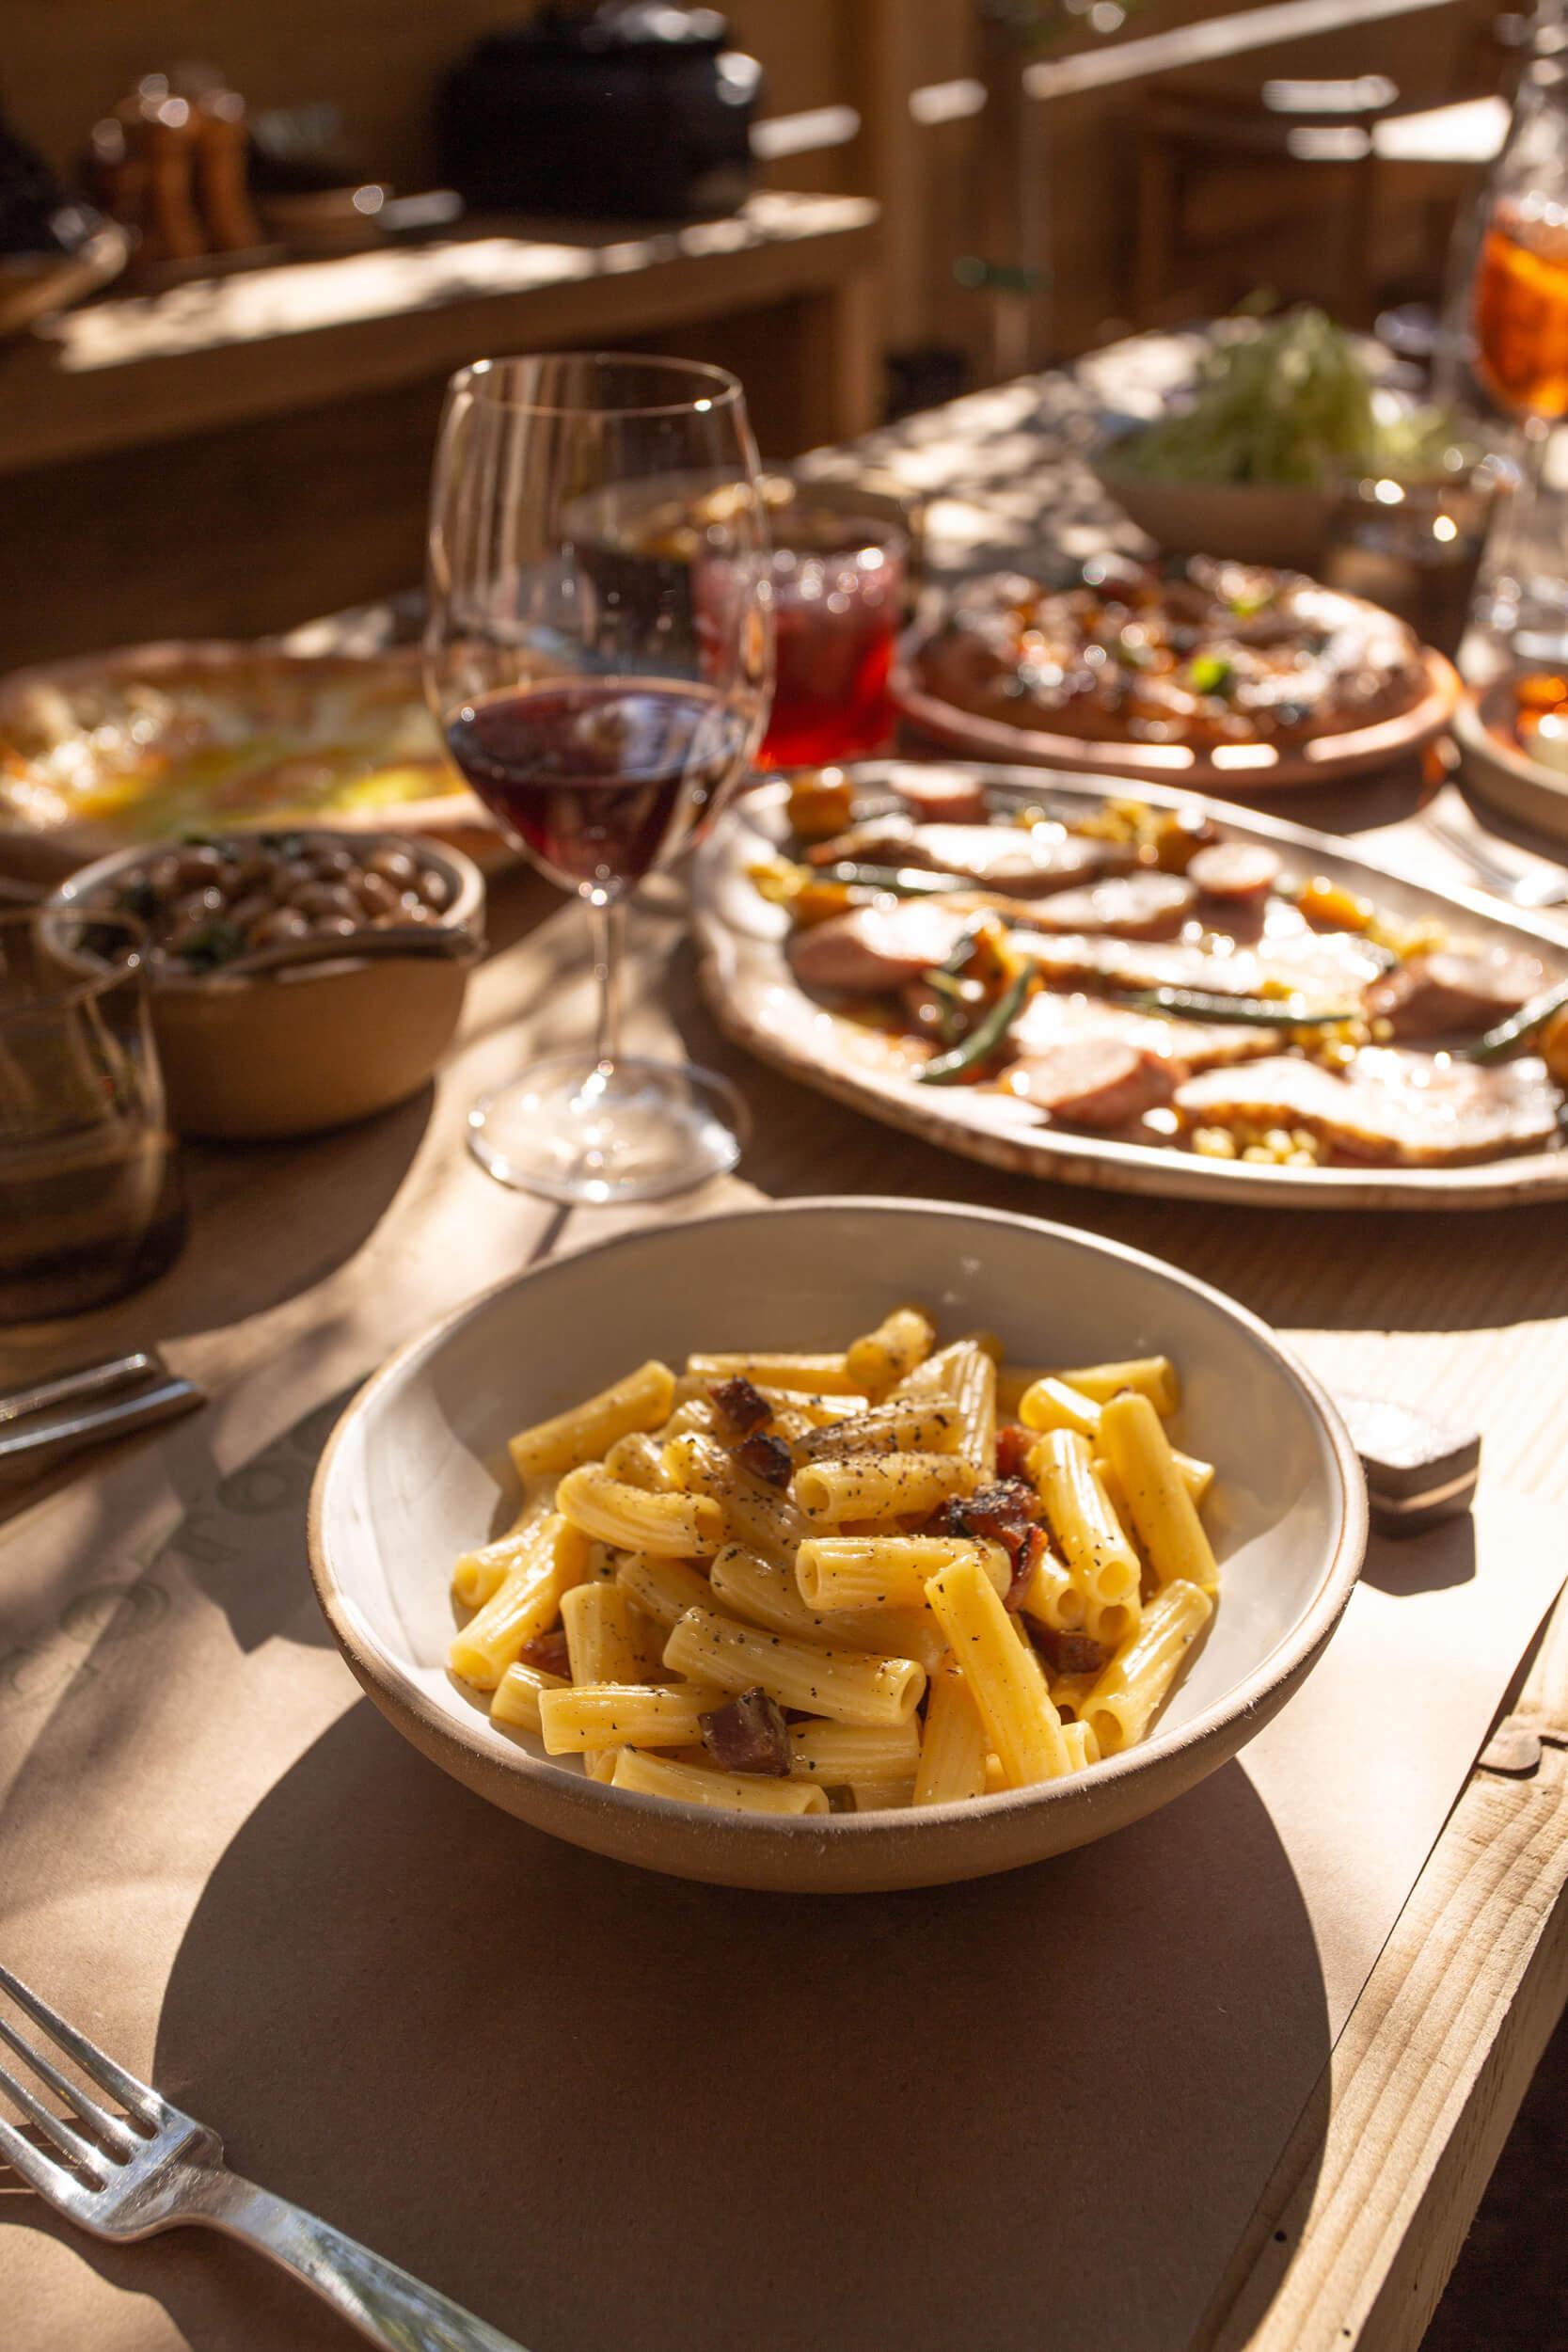 Plates of pasta, caviar, cake, meet, and sauces.